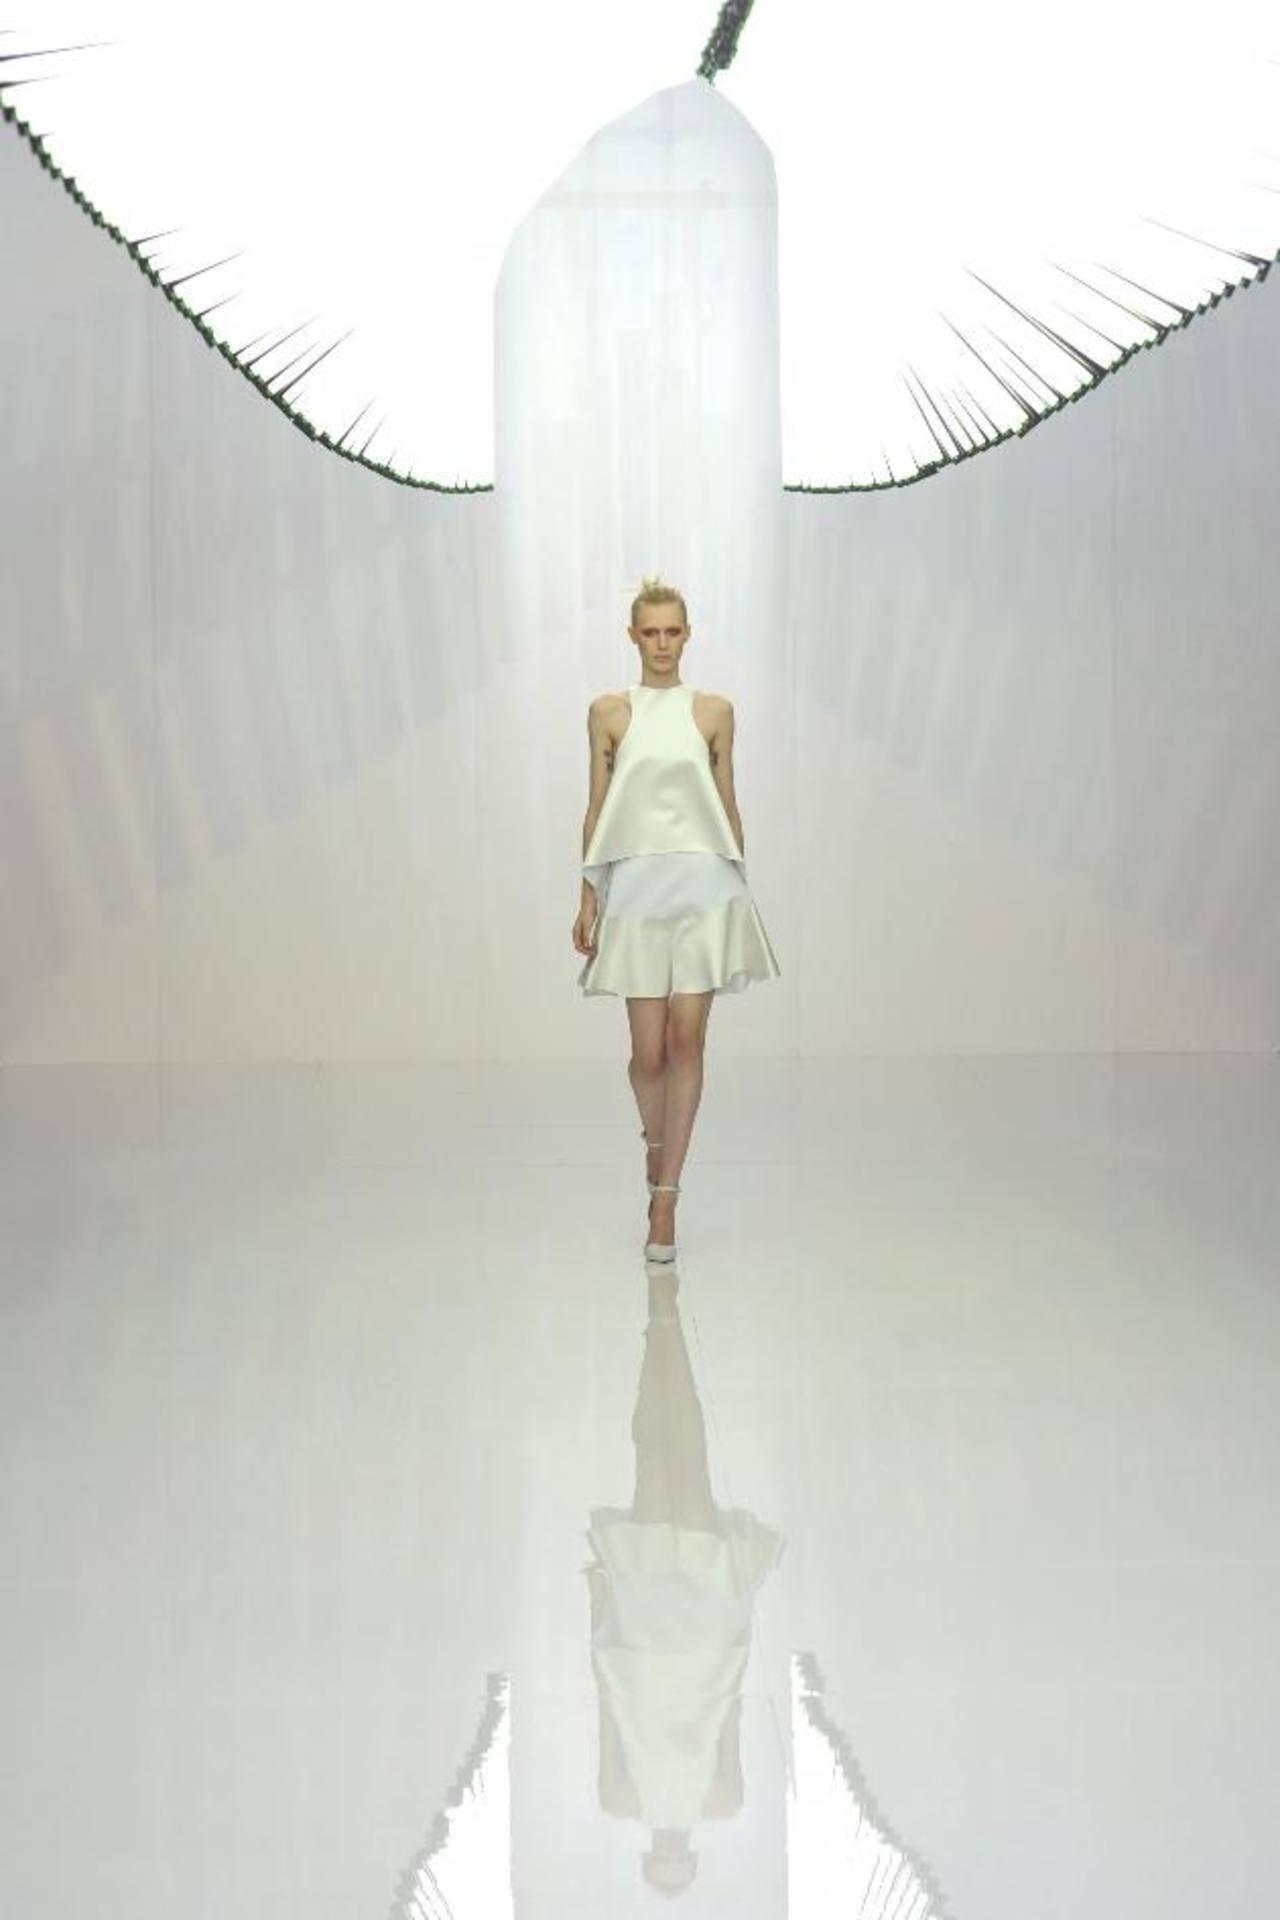 La elegancia y la feminidad resaltó en la colección de la marca Ben and Bridge, quien decantó por el blanco y tonalidades suaves.